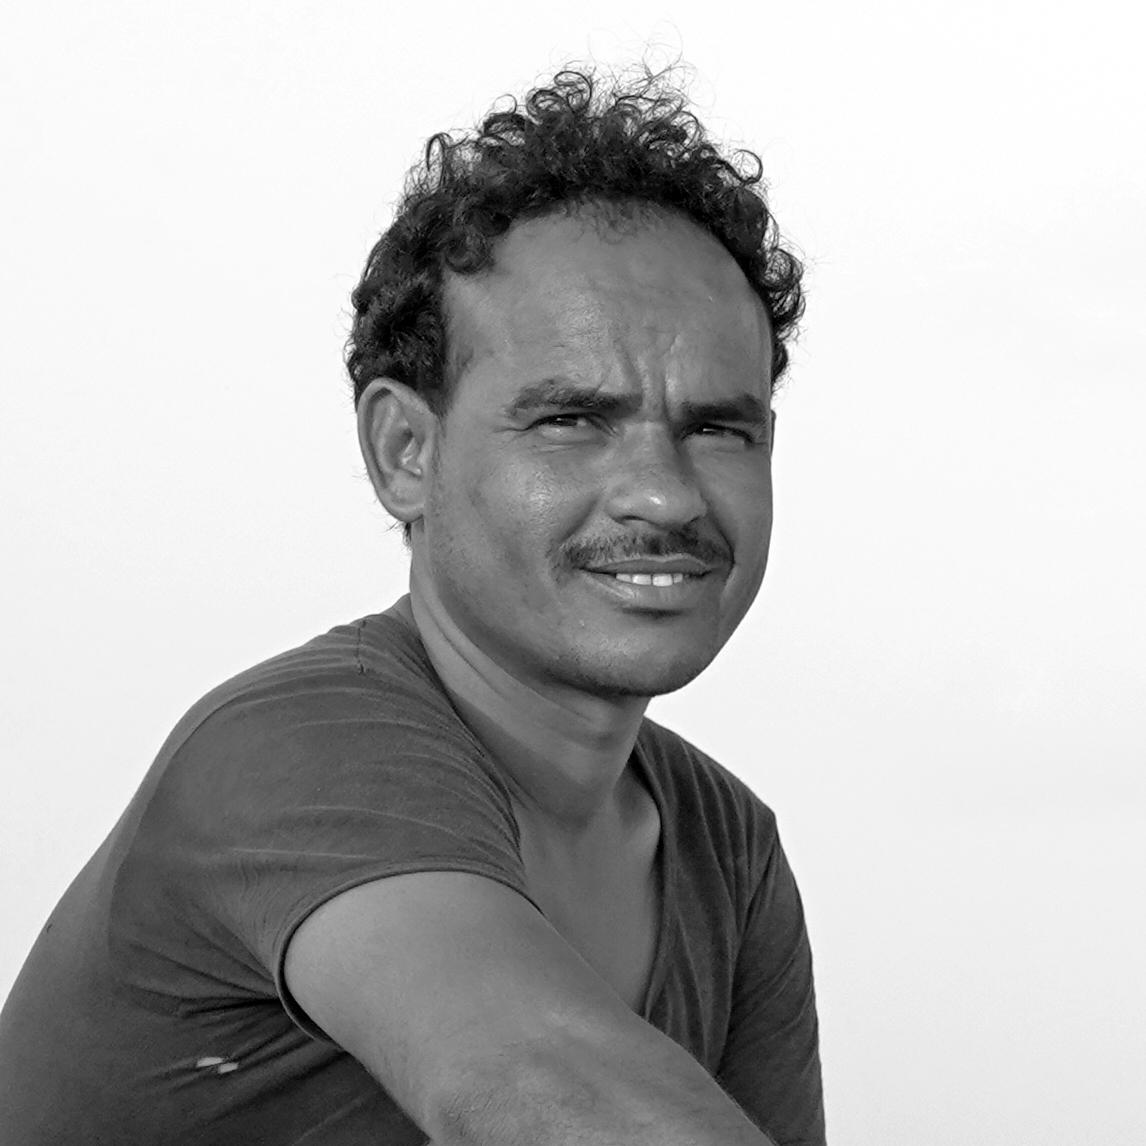 eisa-abdullah-socotra-yemen-inertia-network.JPG